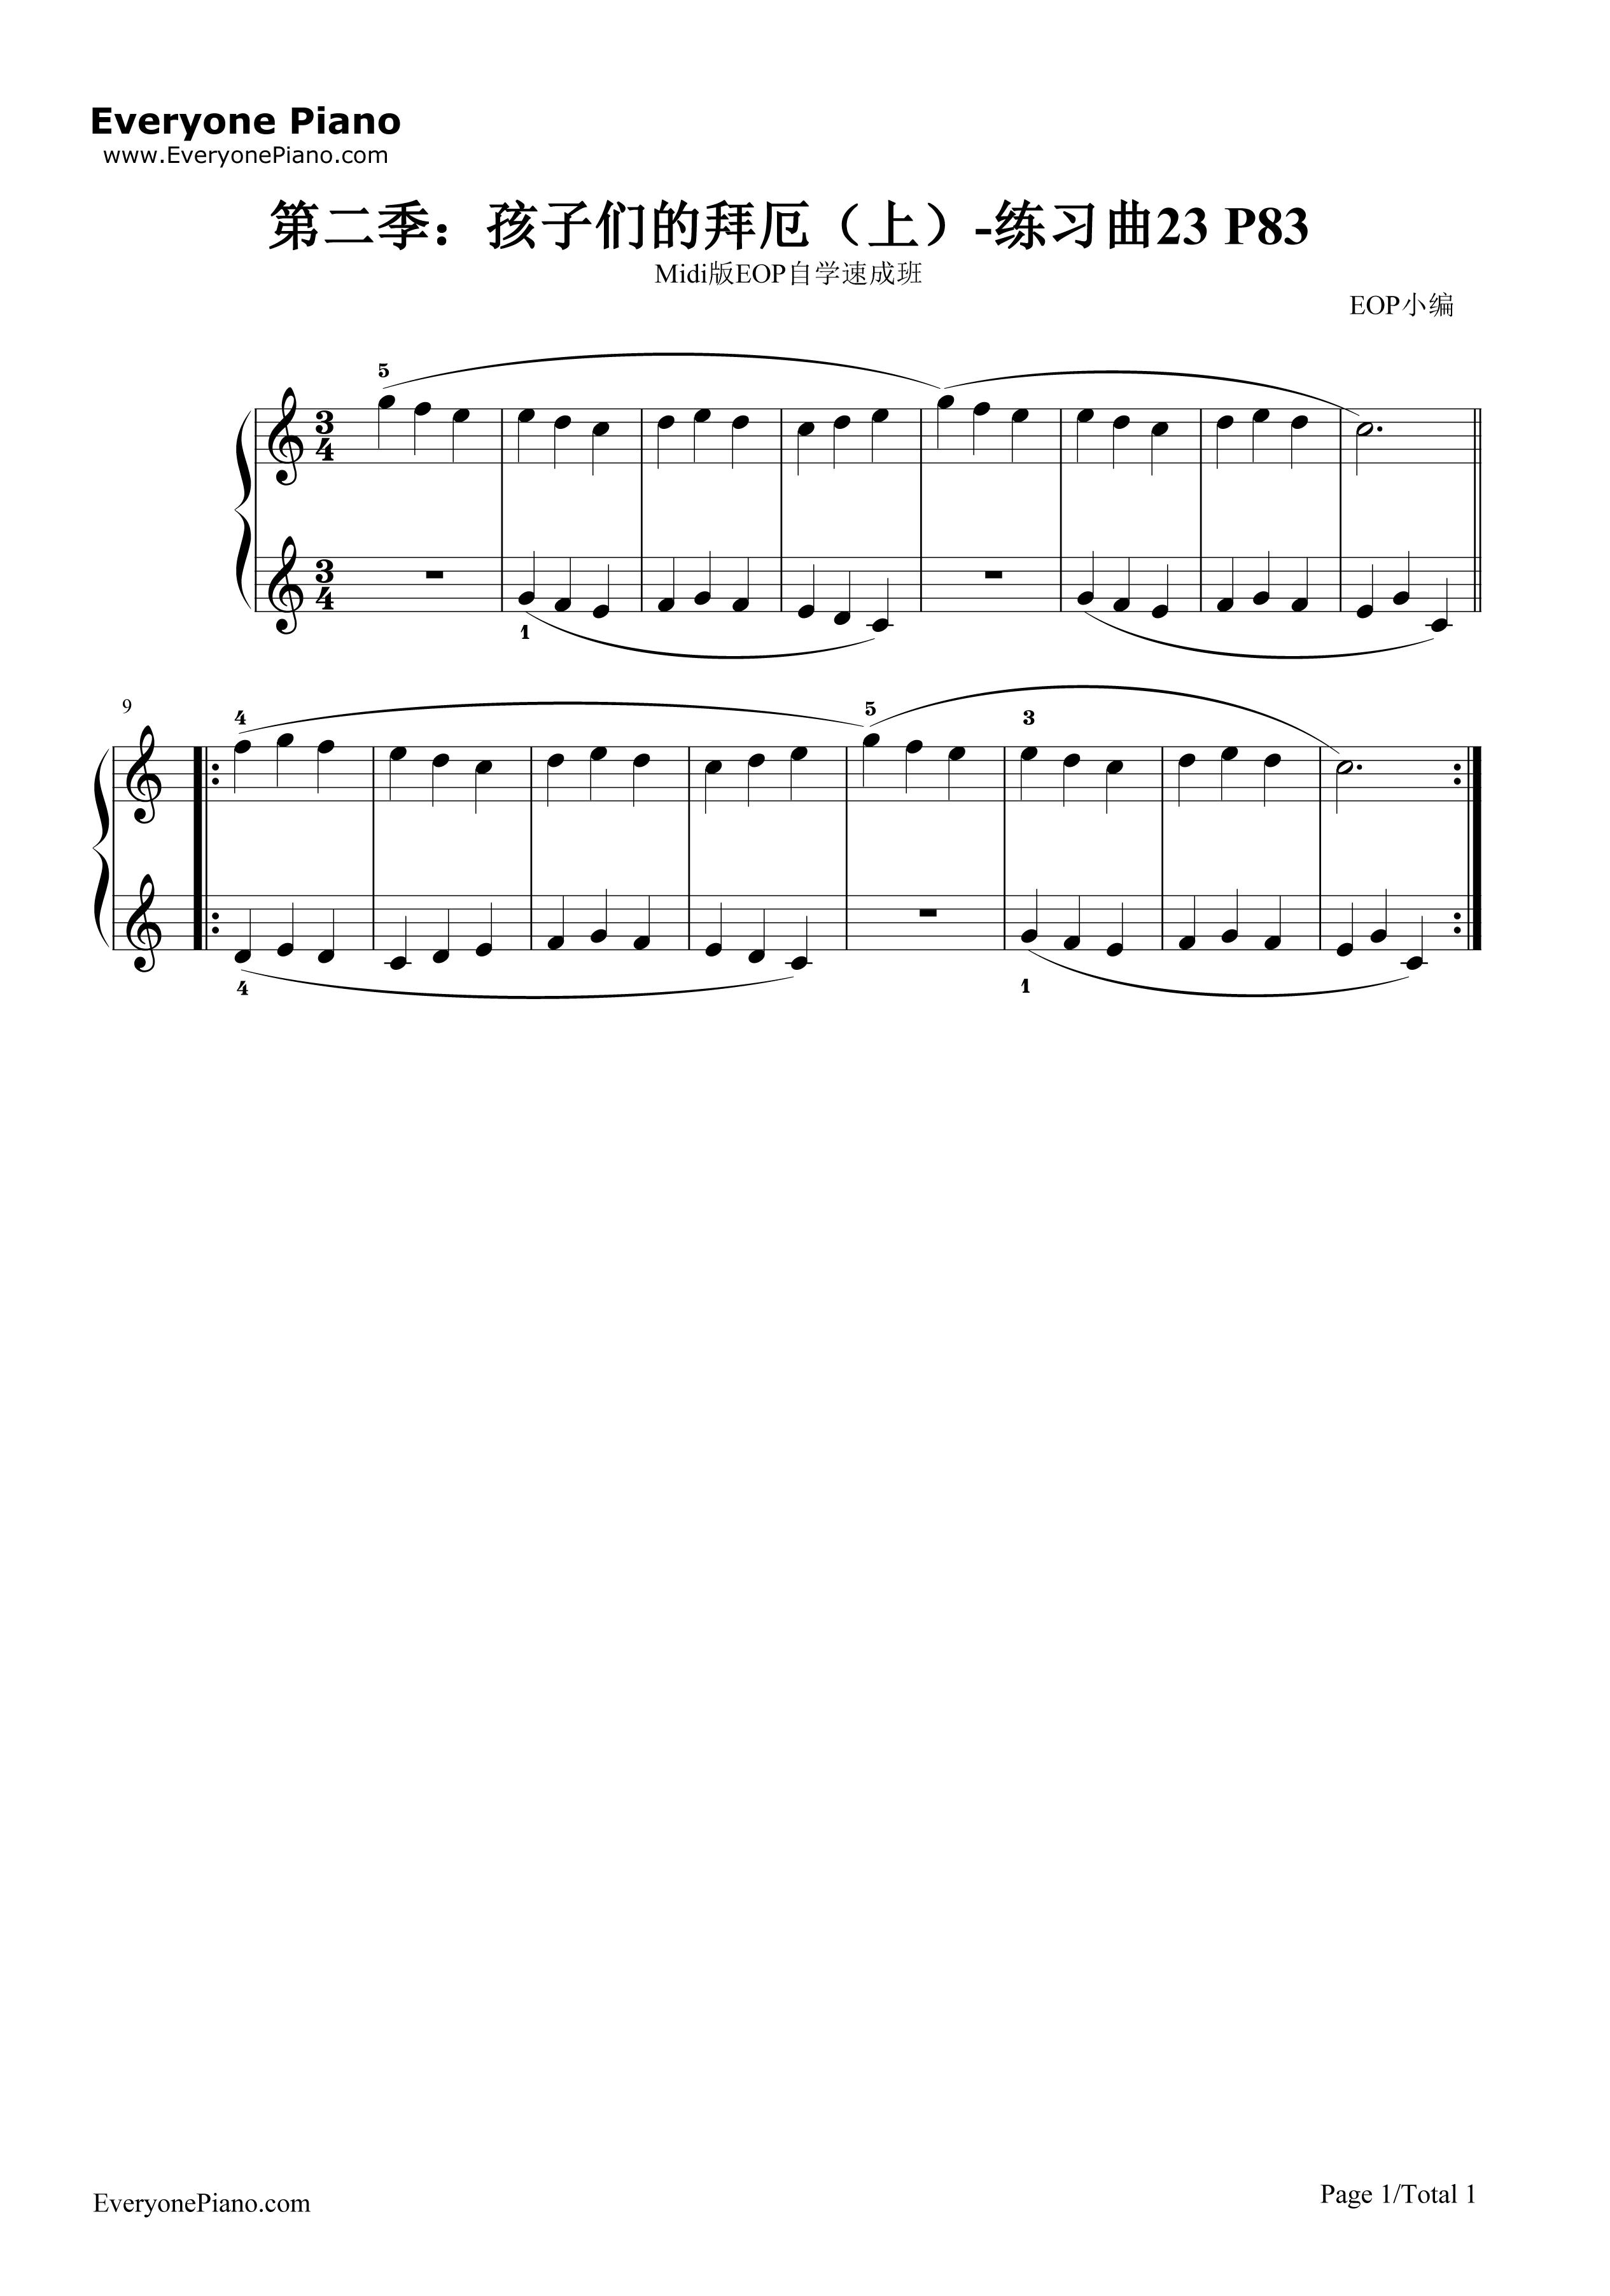 钢琴曲谱 练习曲 练习曲23-midi版eop自学速成班第二季:孩子们的拜厄图片